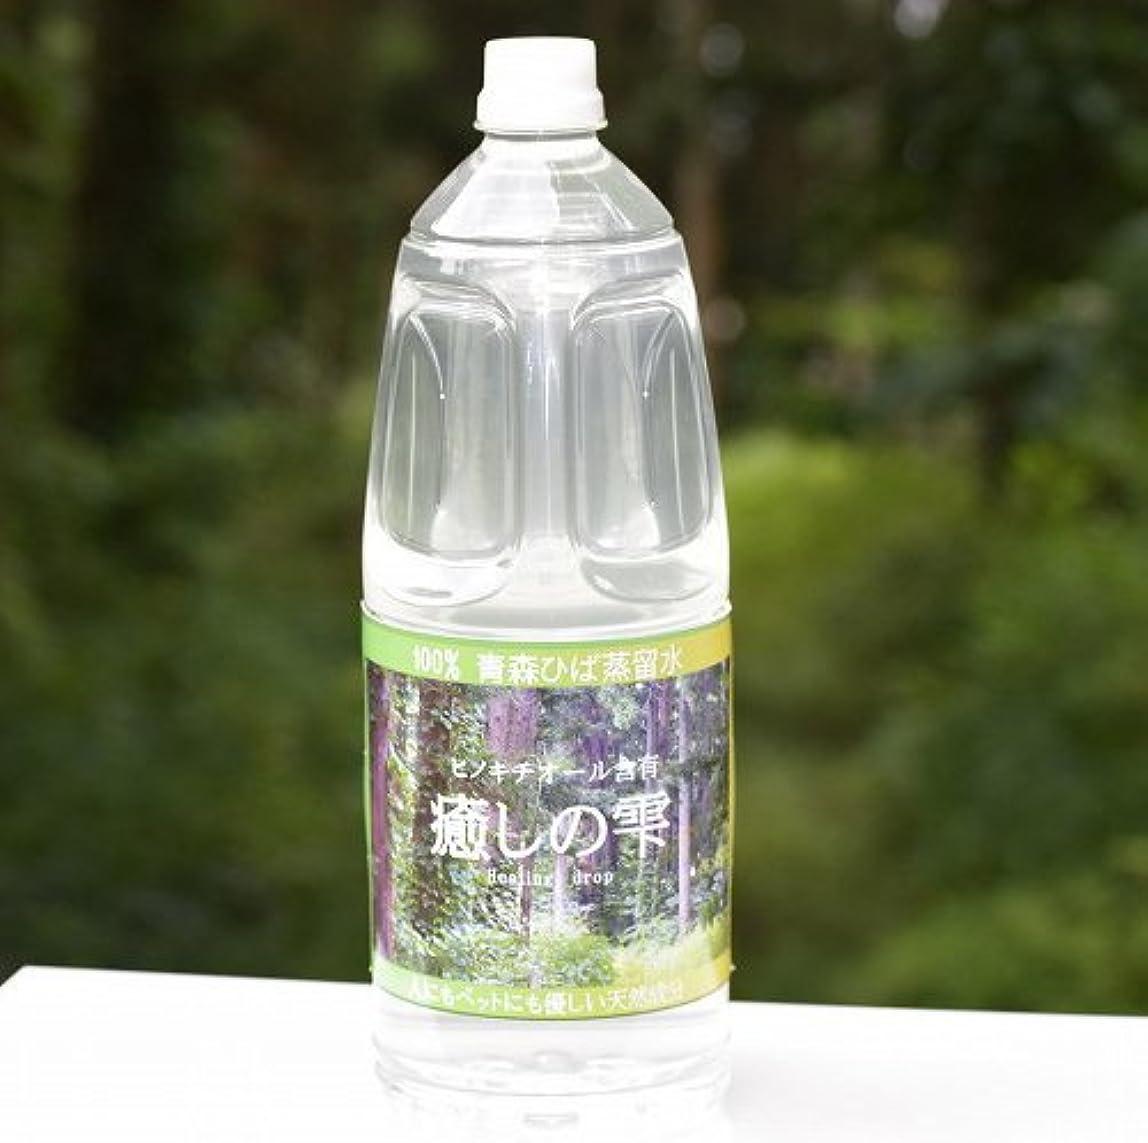 スクレーパータフポータル青森ひば 天然ヒバ水 癒しの雫 蒸留水 送料無料 1.8L×3本